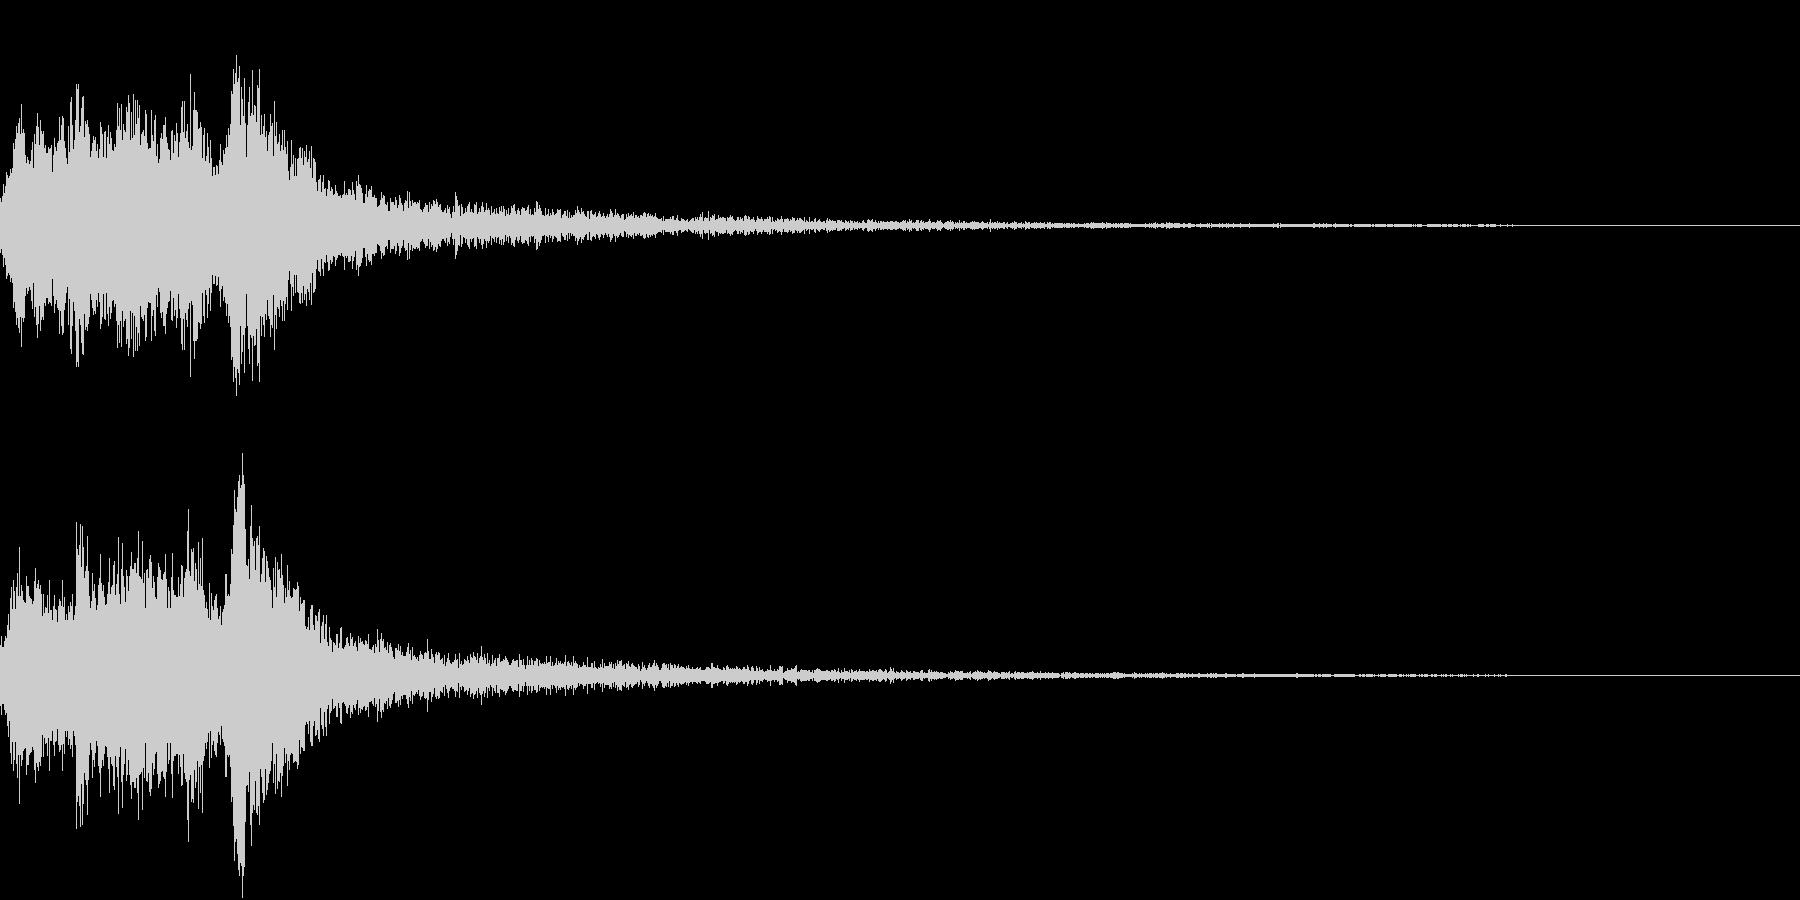 表現 現れ めくる 開く 開ける 発見2の未再生の波形